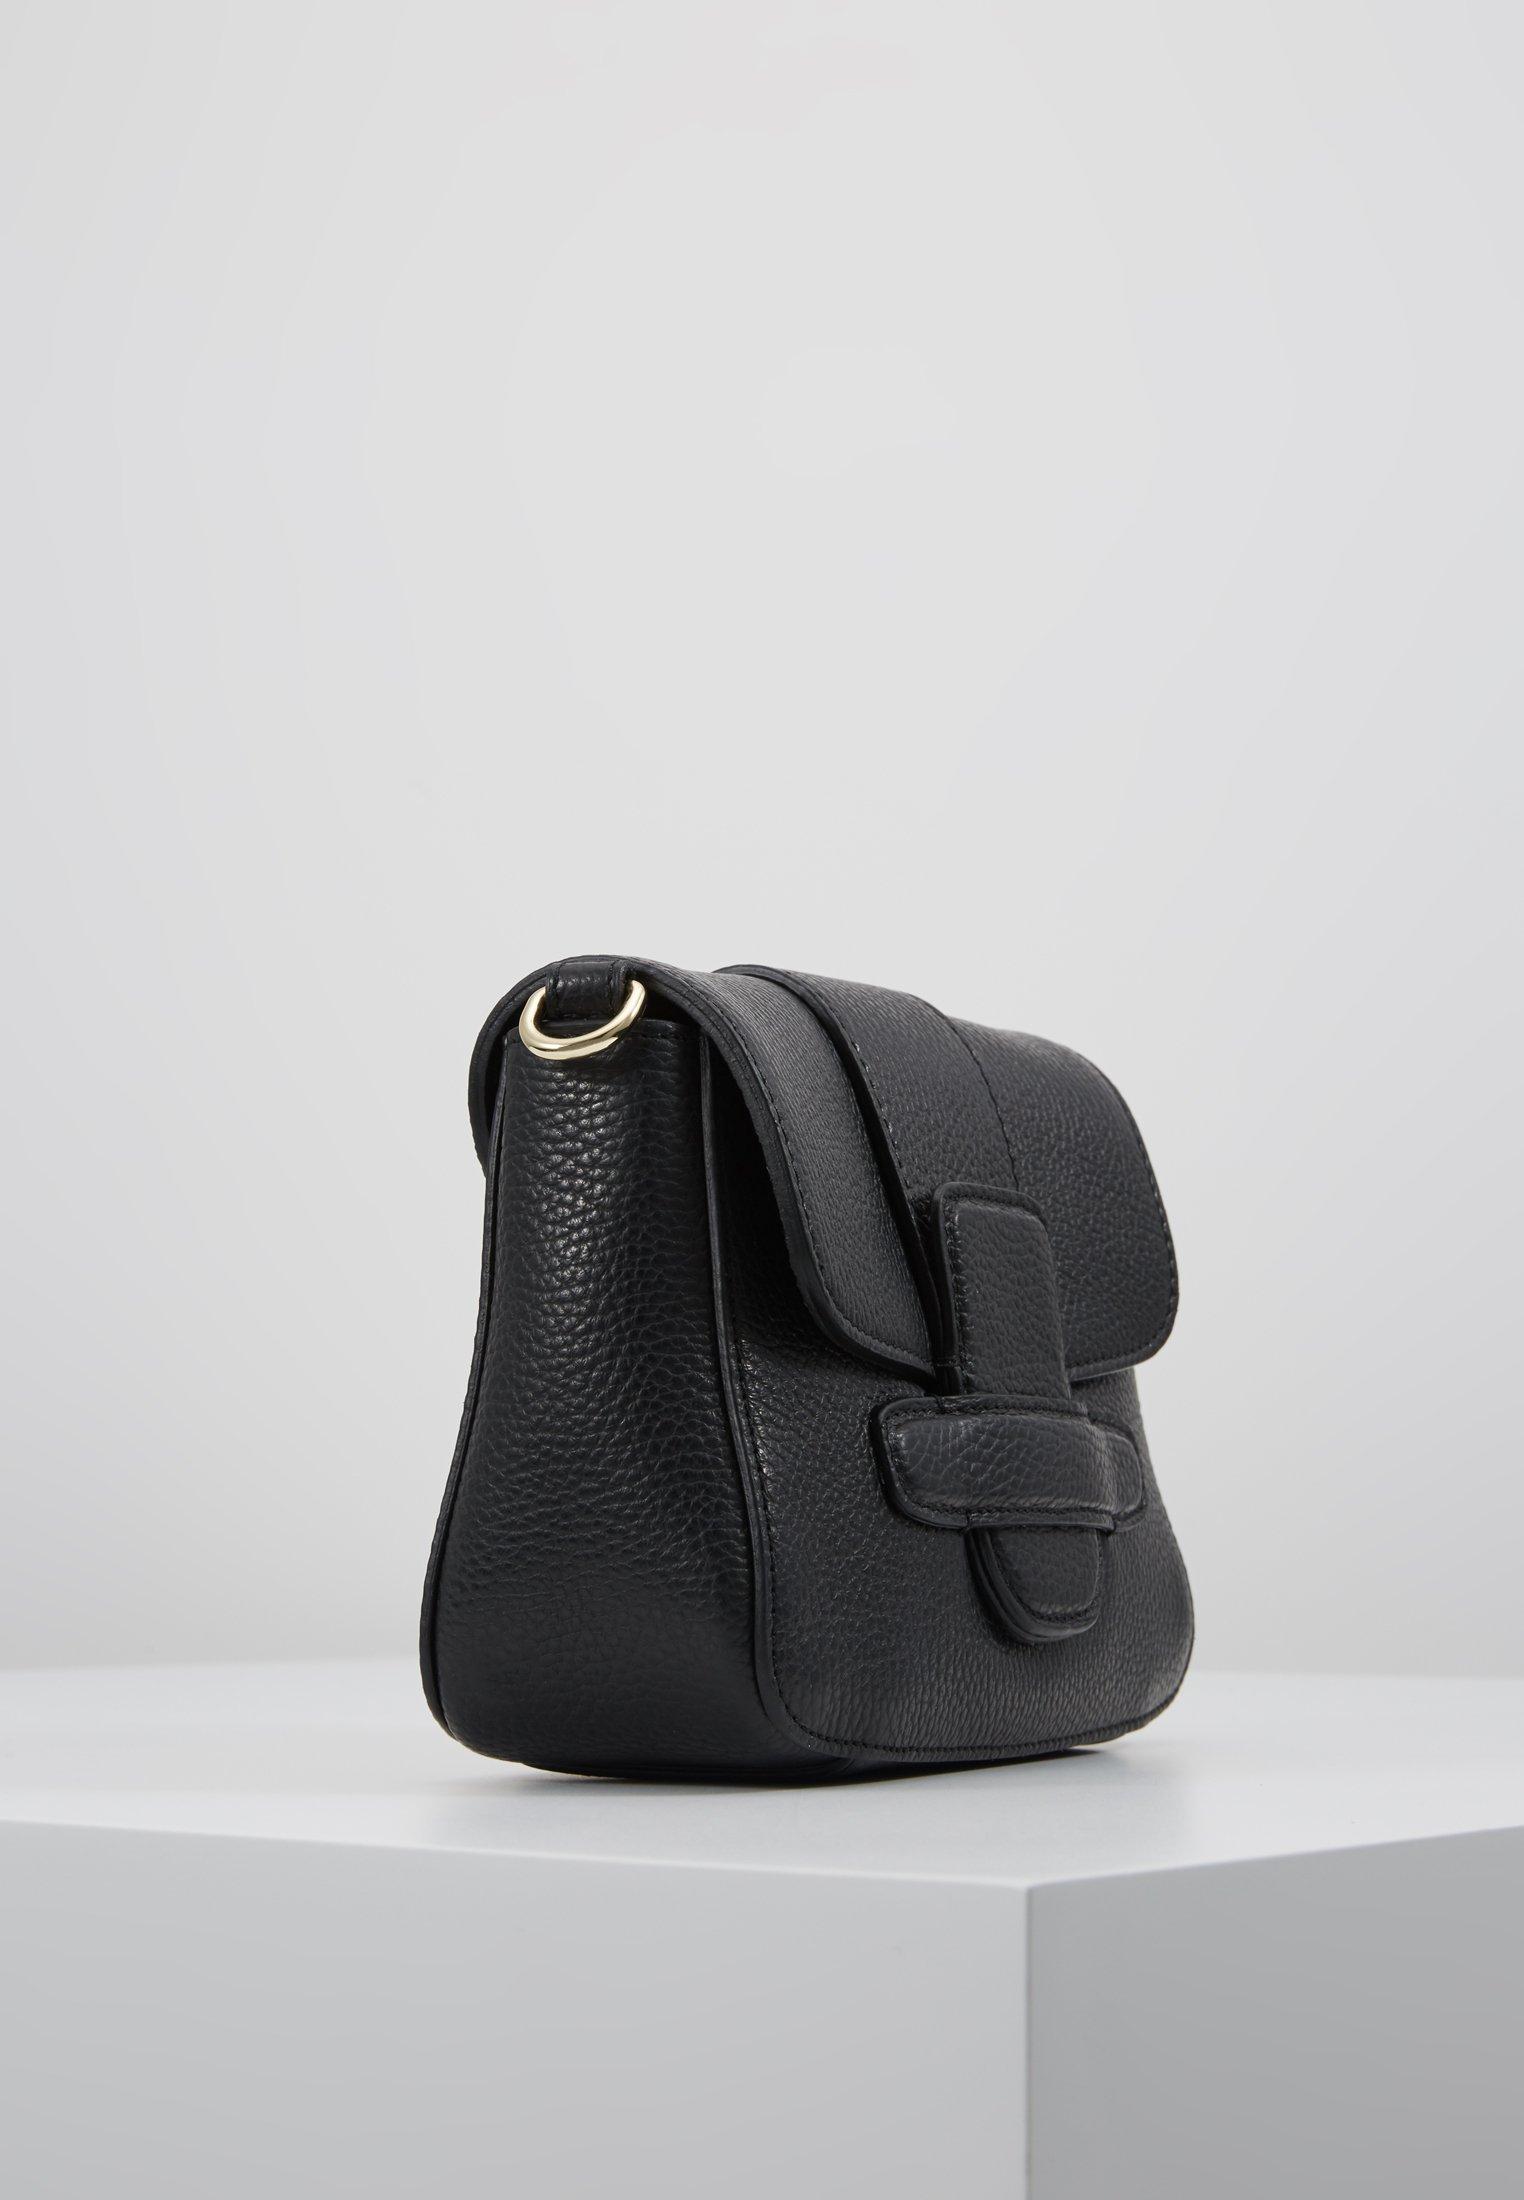 Abro Sac Bandoulière - Black